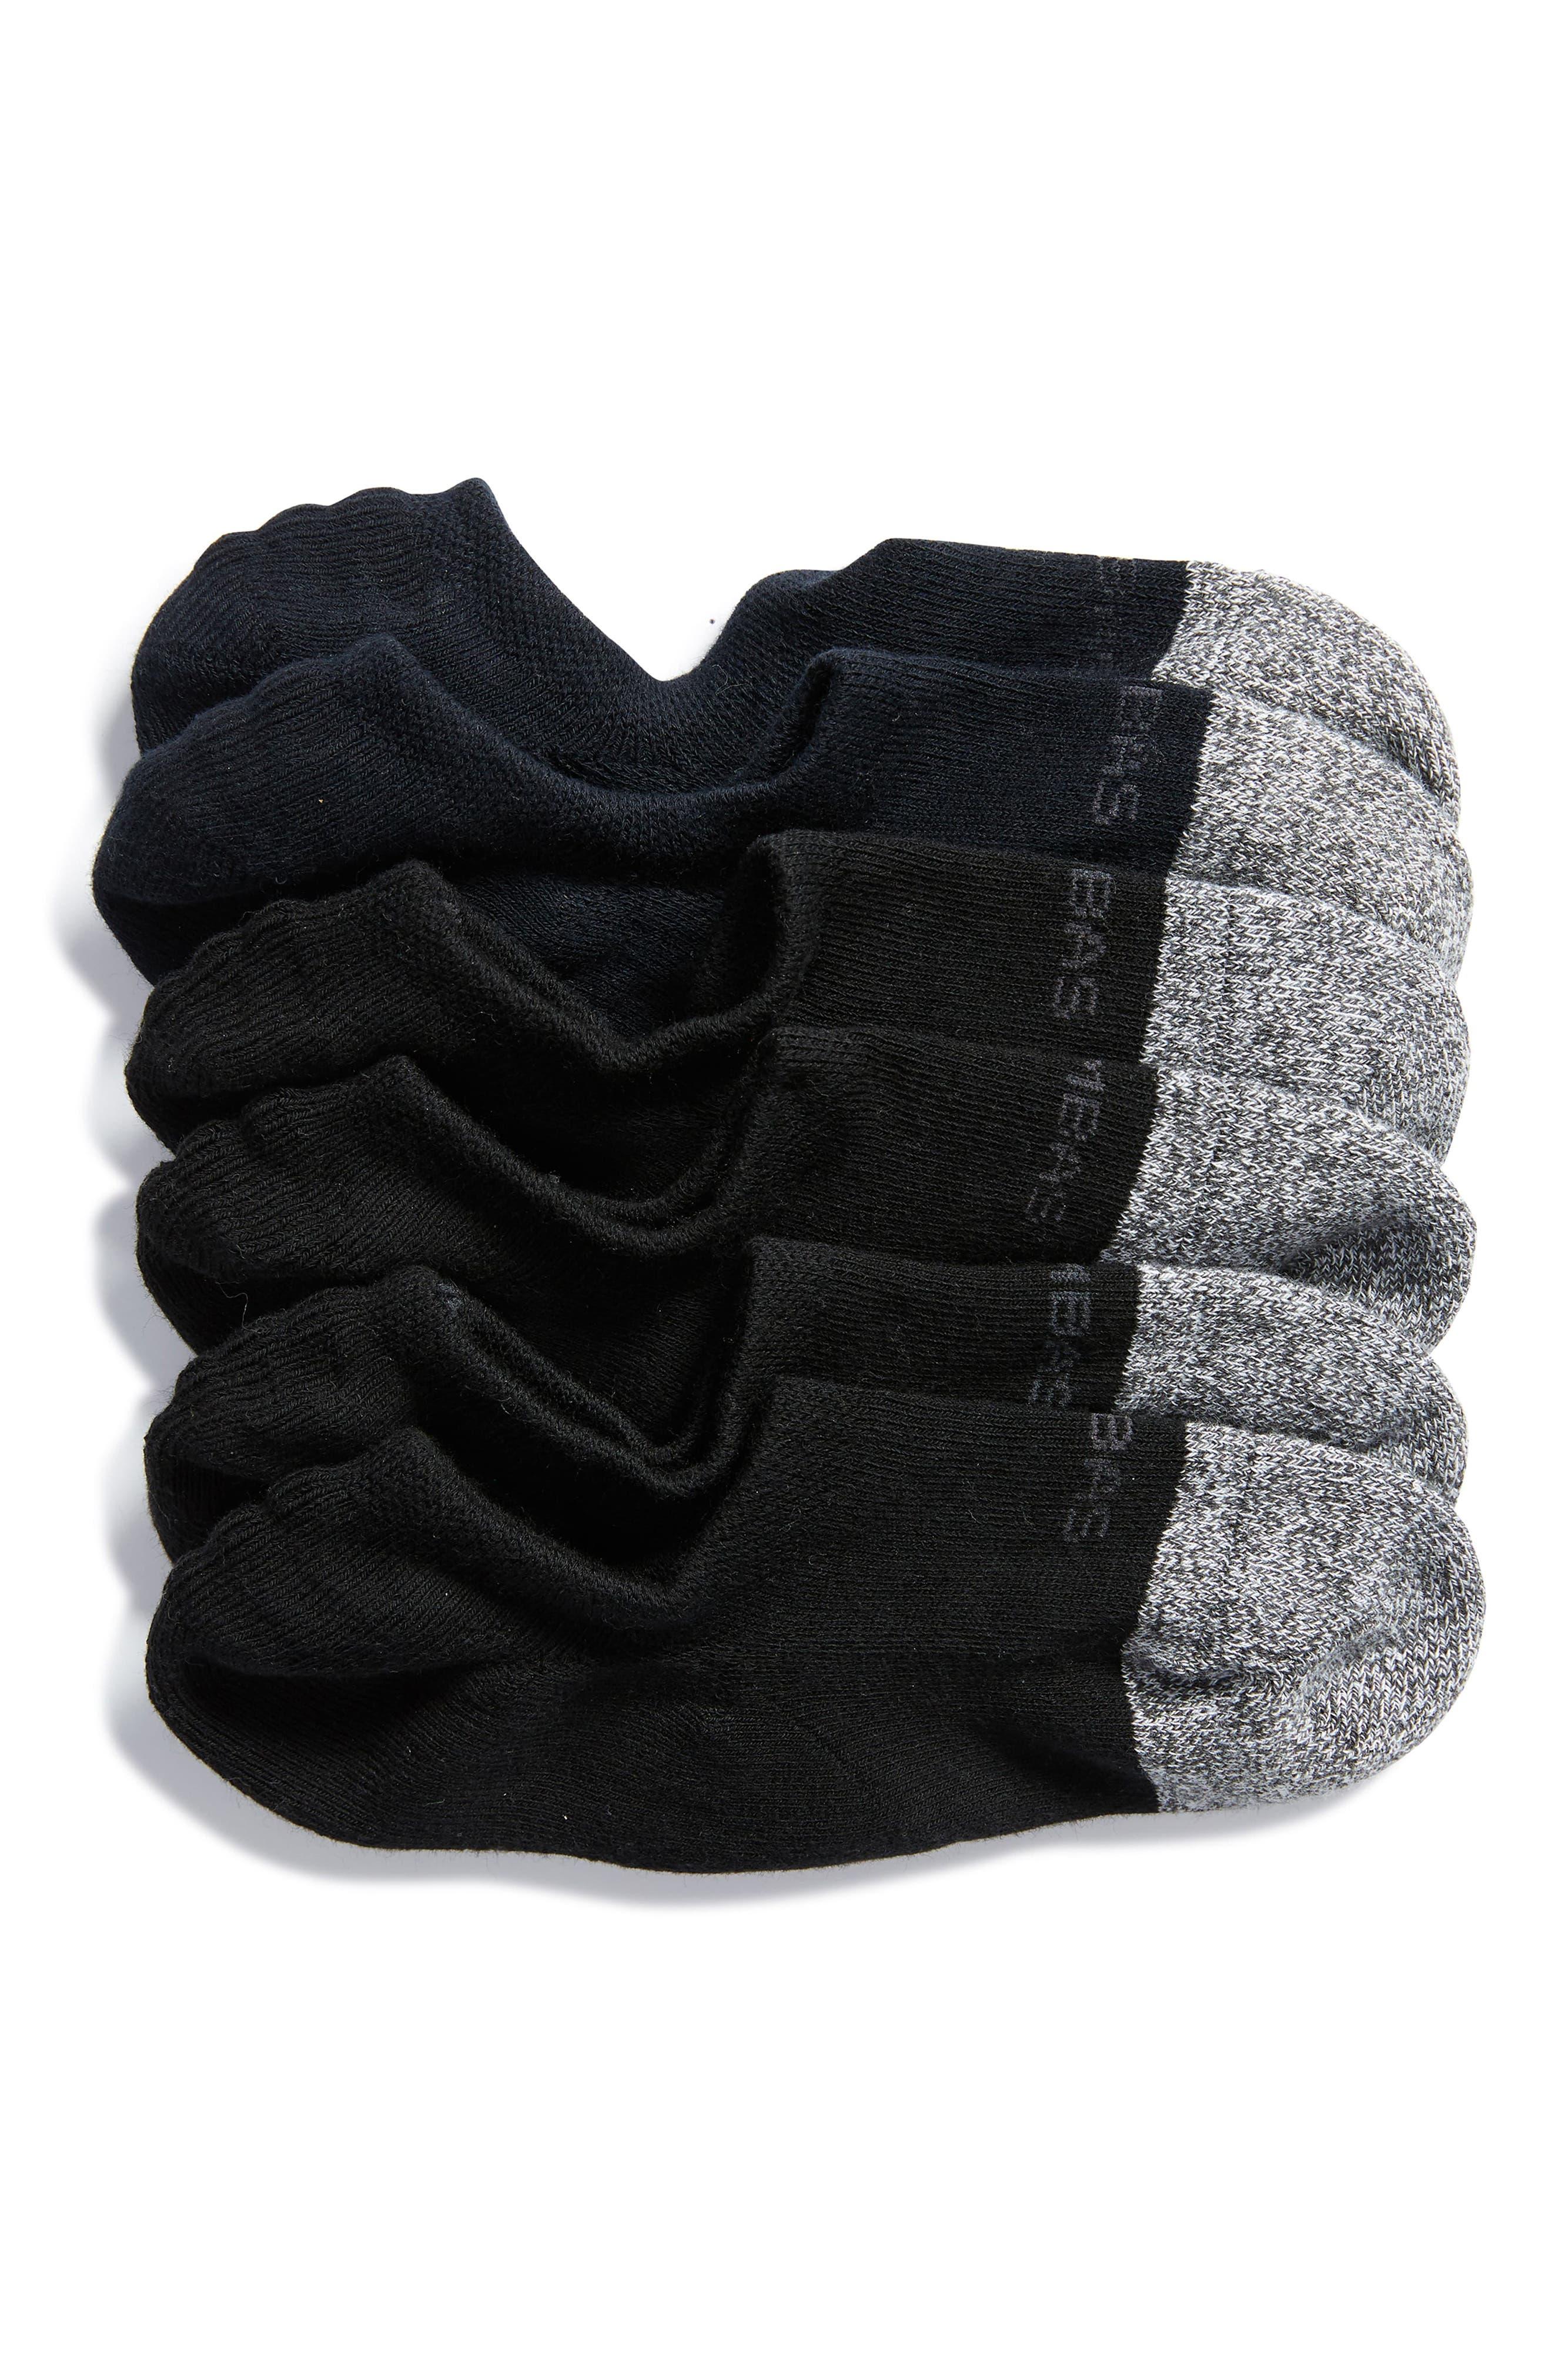 3-Pack Cushion No-Show Socks